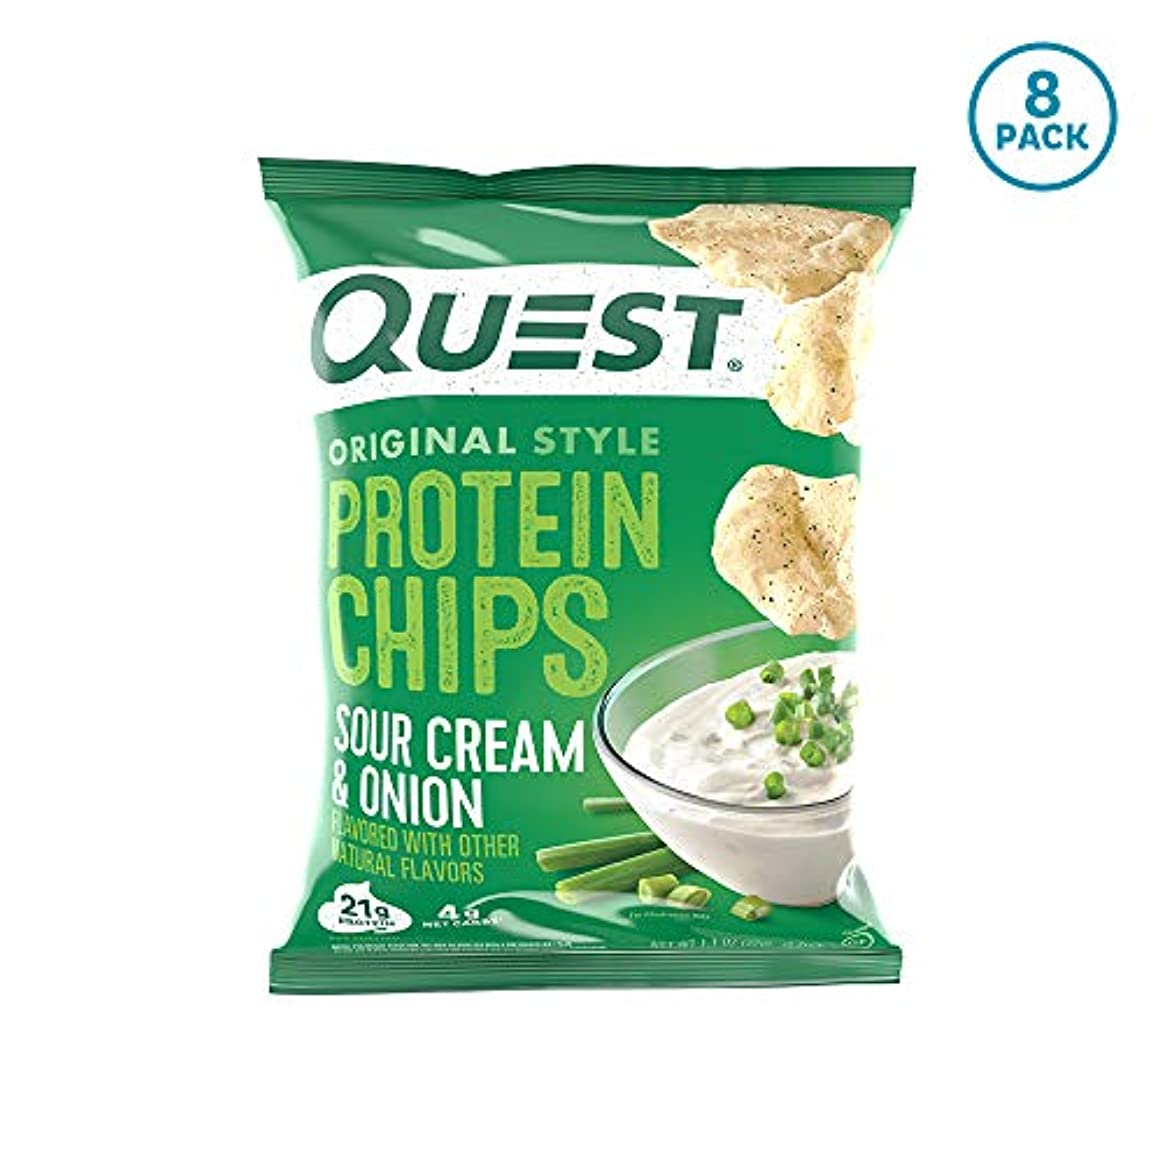 ラベル規範殺しますプロテイン チップス サワークリーム&オニオン フレイバー クエスト 8袋セット 並行輸入品 Quest Nutrition Protein Chips Sour Cream & Onion Pack of 8 海外直送品